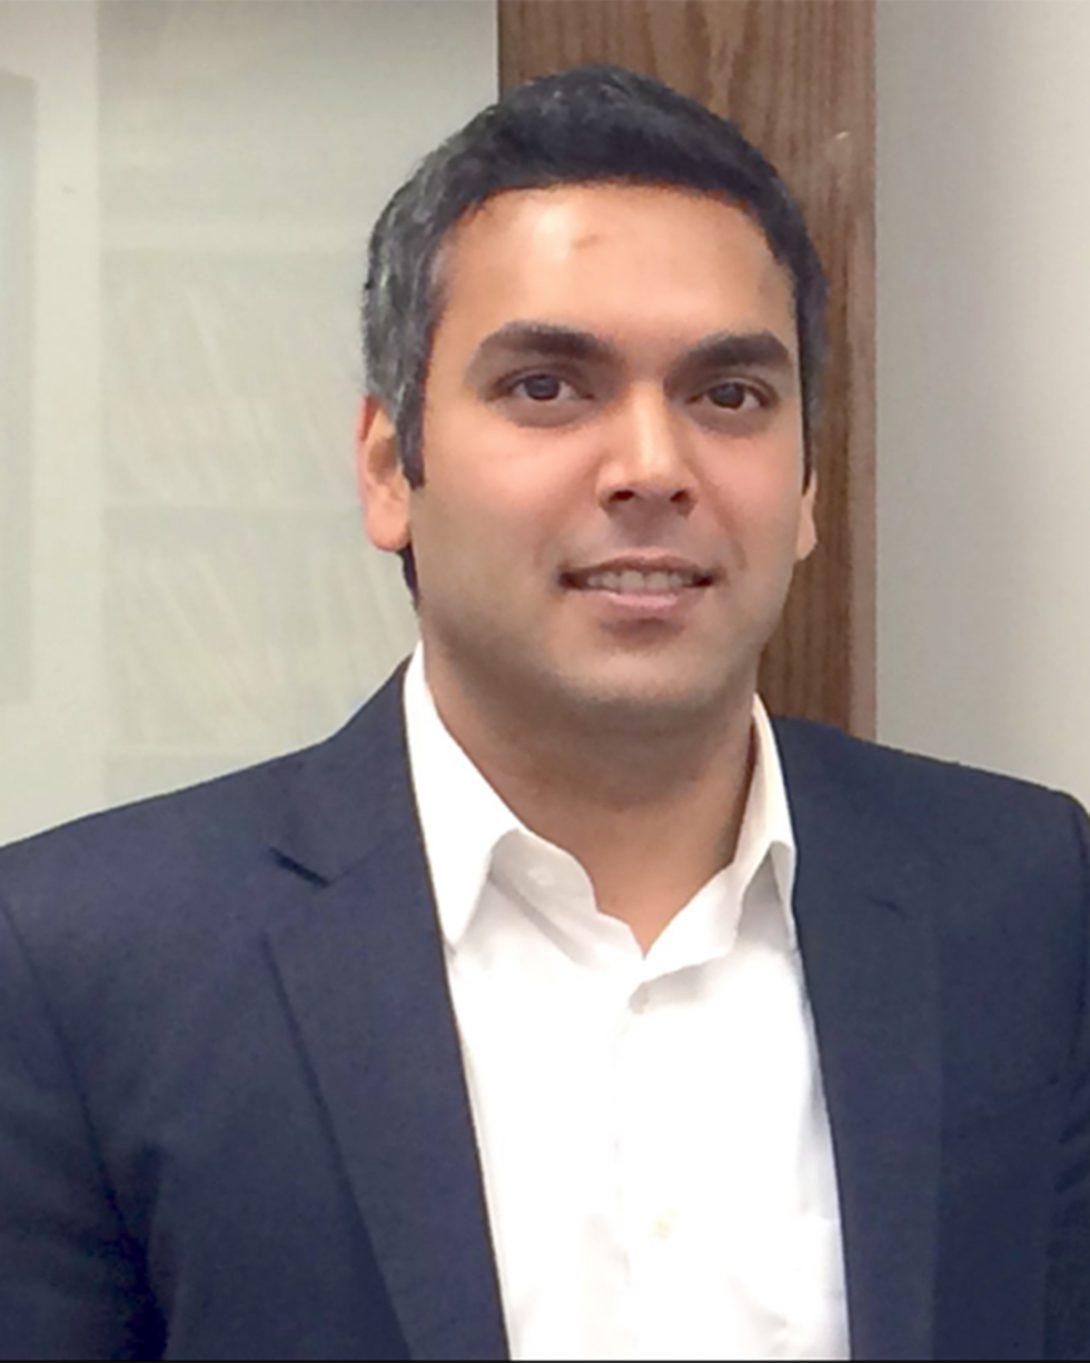 Aniruddh Narvekar smiling to camera